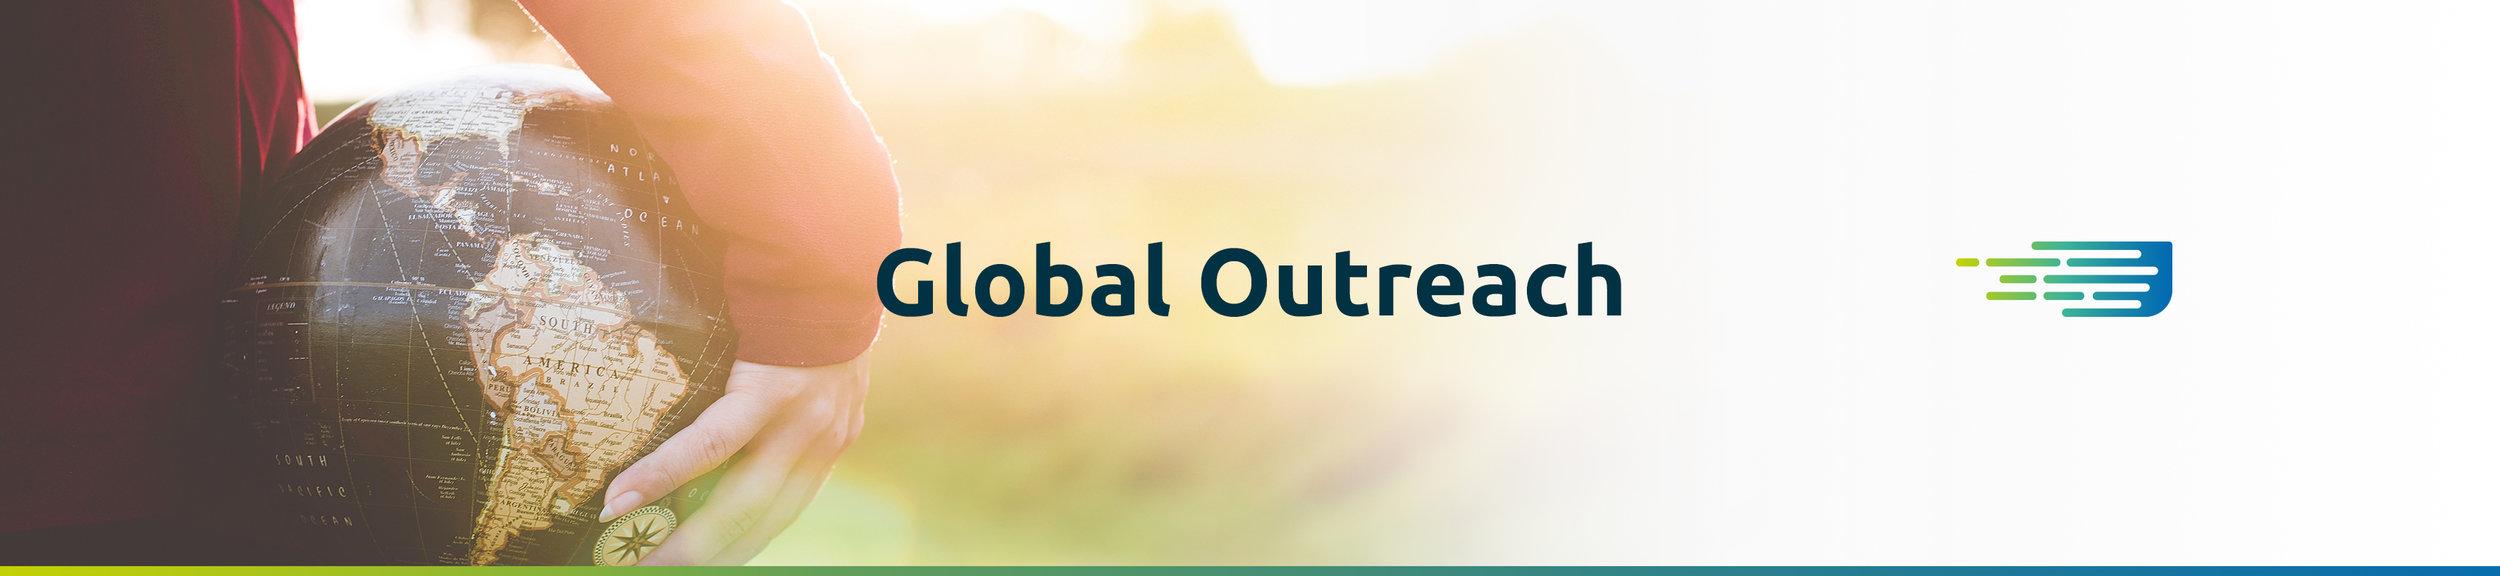 Global Outreach.jpg